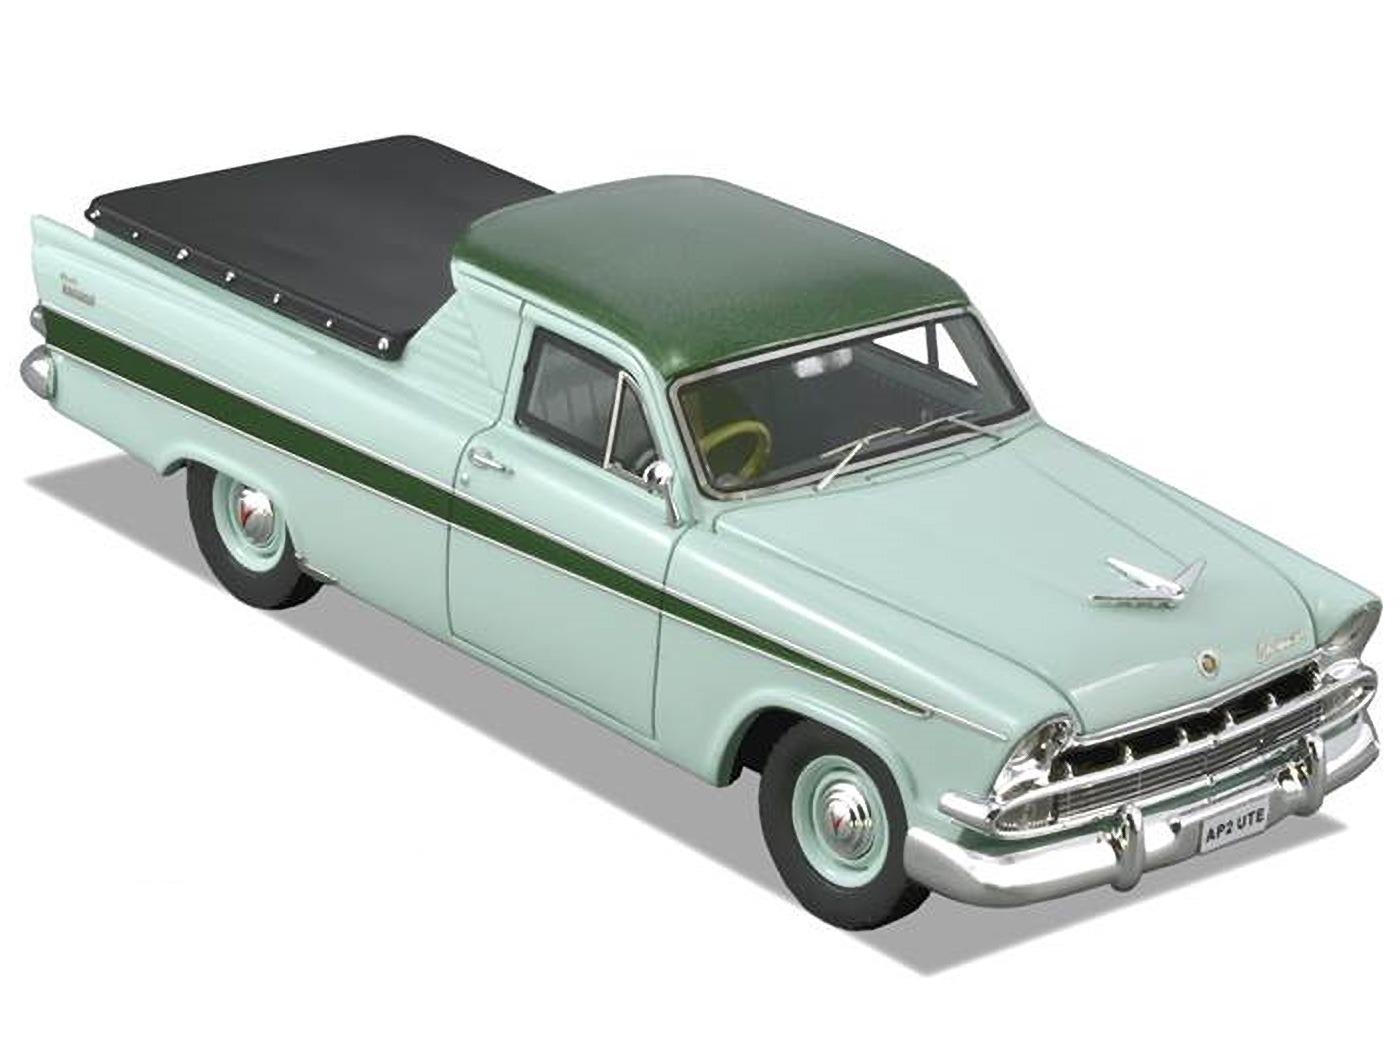 Chrysler AP2 Ute – Dark Green / Light Green